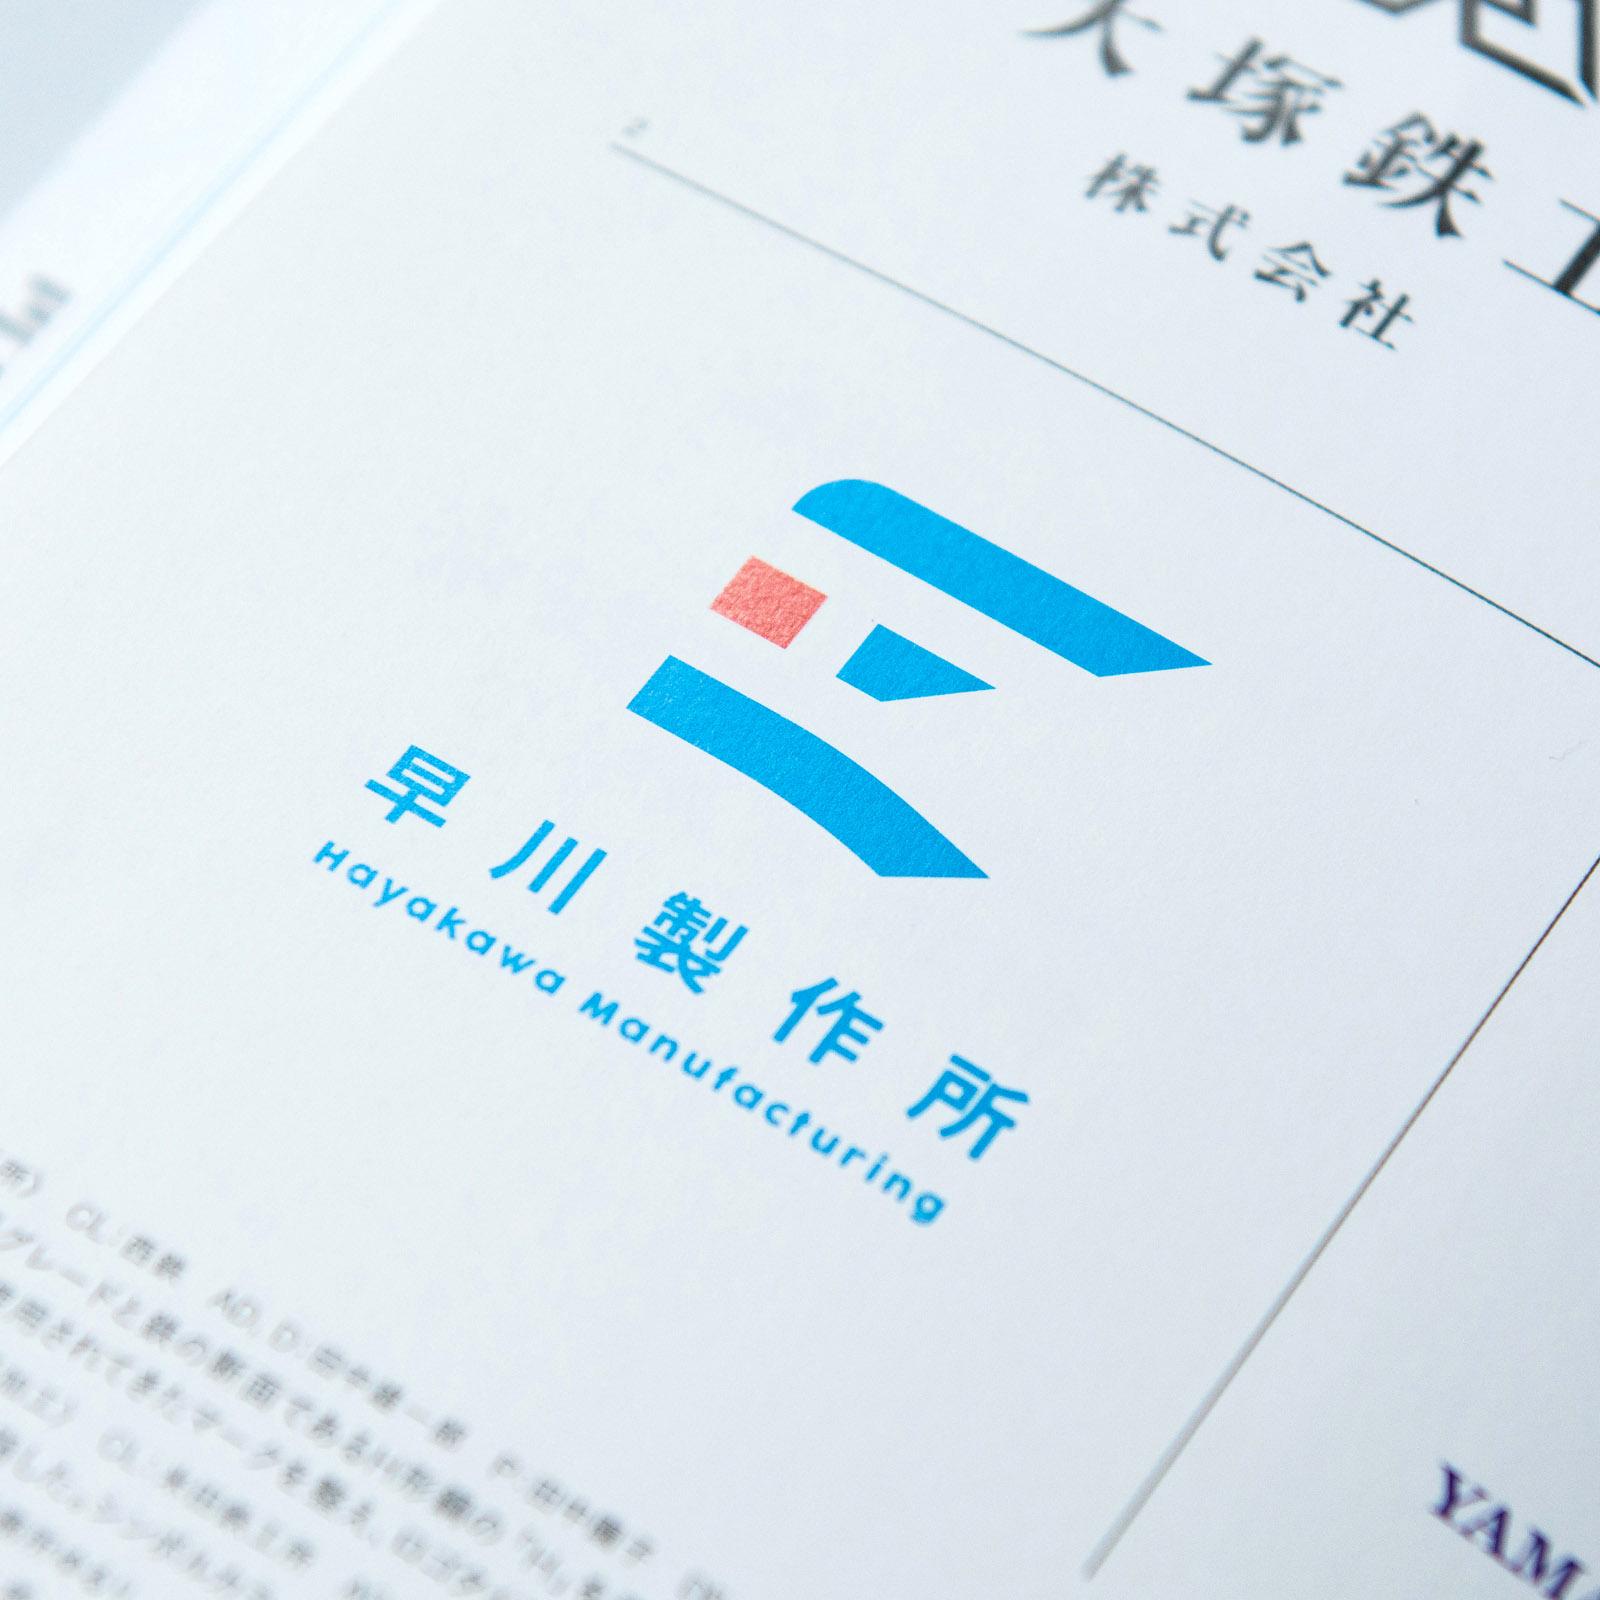 早川製作所ロゴマーク/信頼・誠実を大切にする 業種別ロゴのデザイン